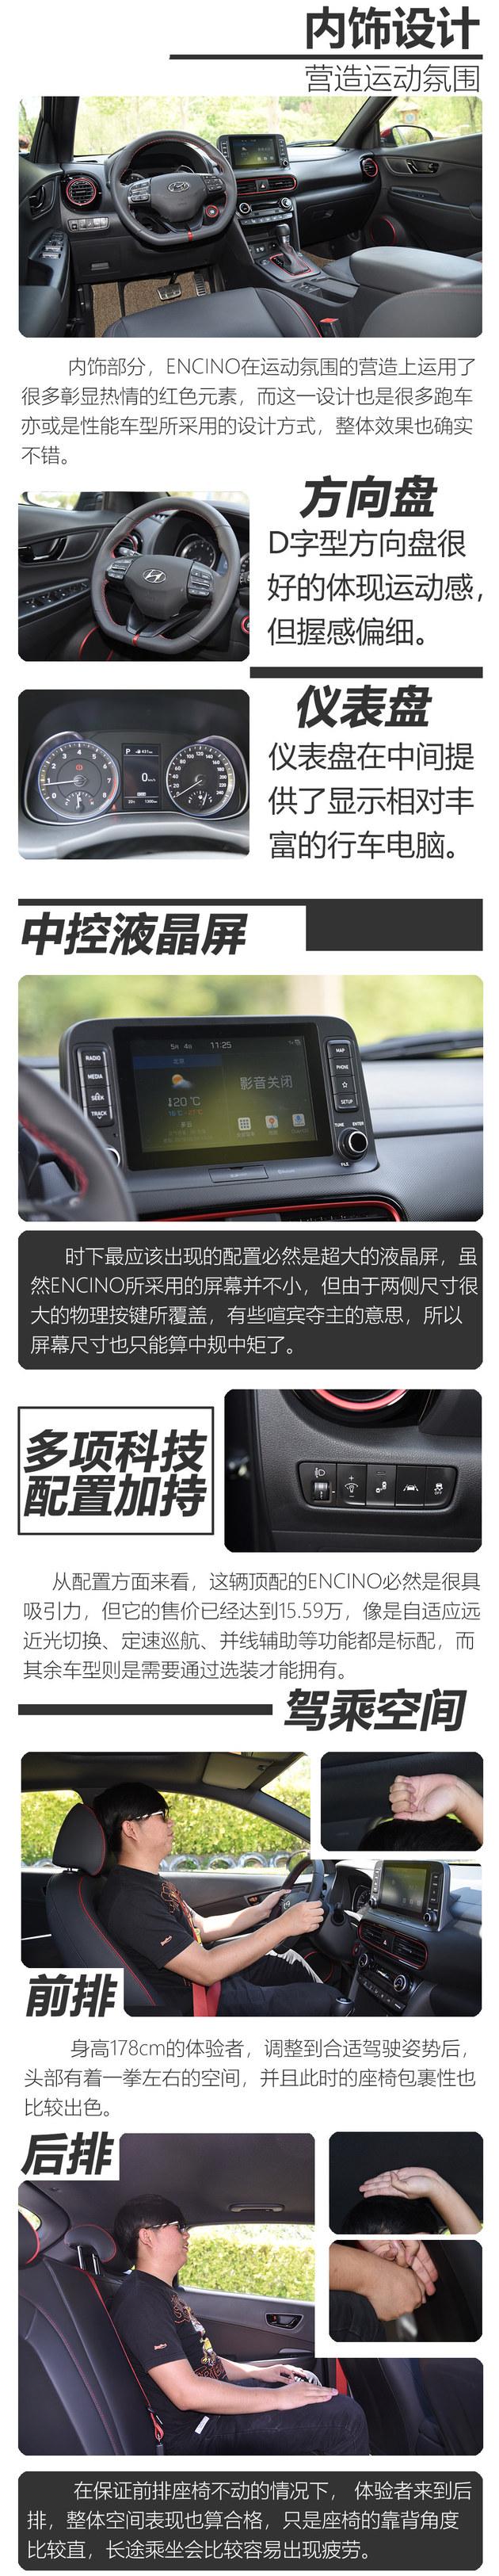 北京现代ENCINO测试 不只是设计上突破